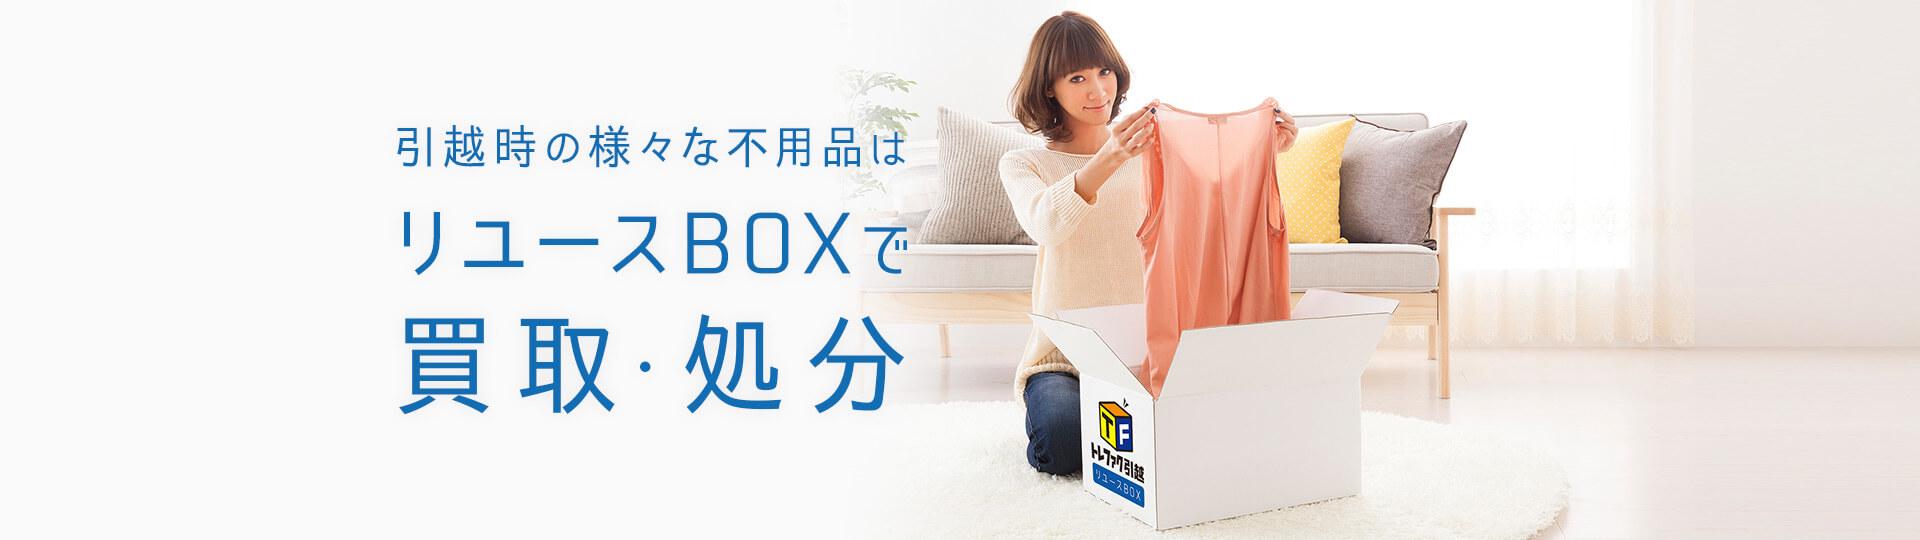 引越時の様々な不用品はリユースBOXで買取・処分